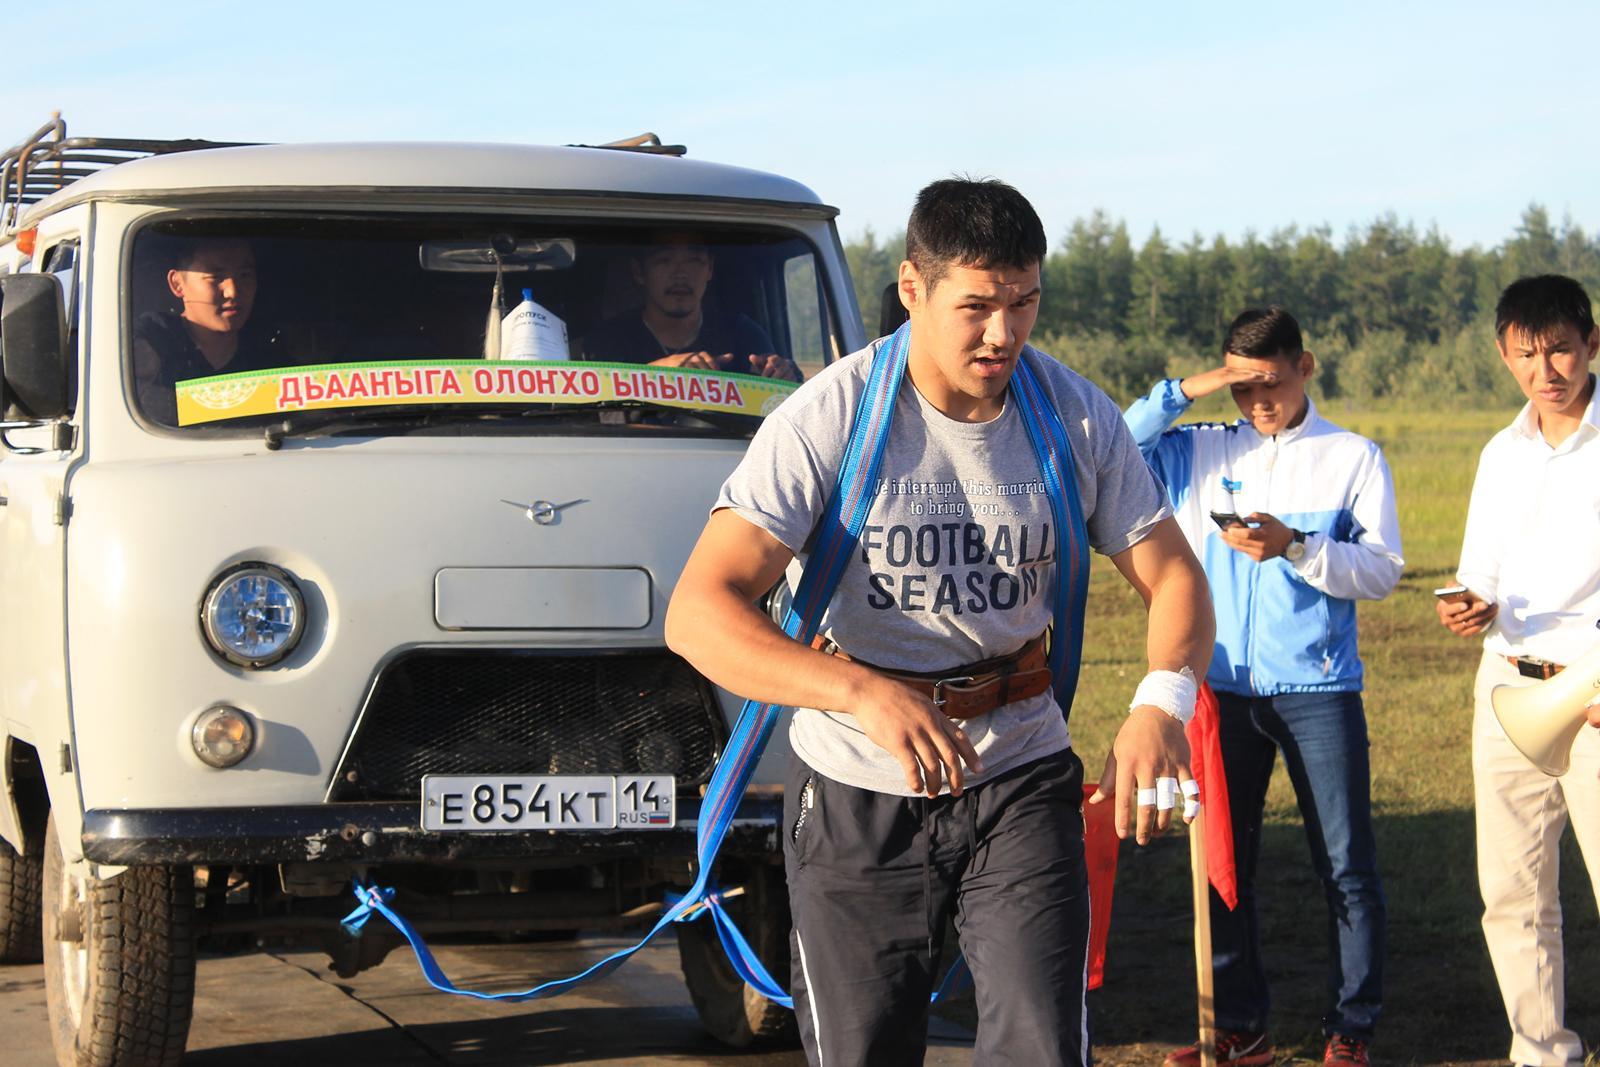 Победителям силового многоборья Ысыаха Олонхо вручат мотоциклы